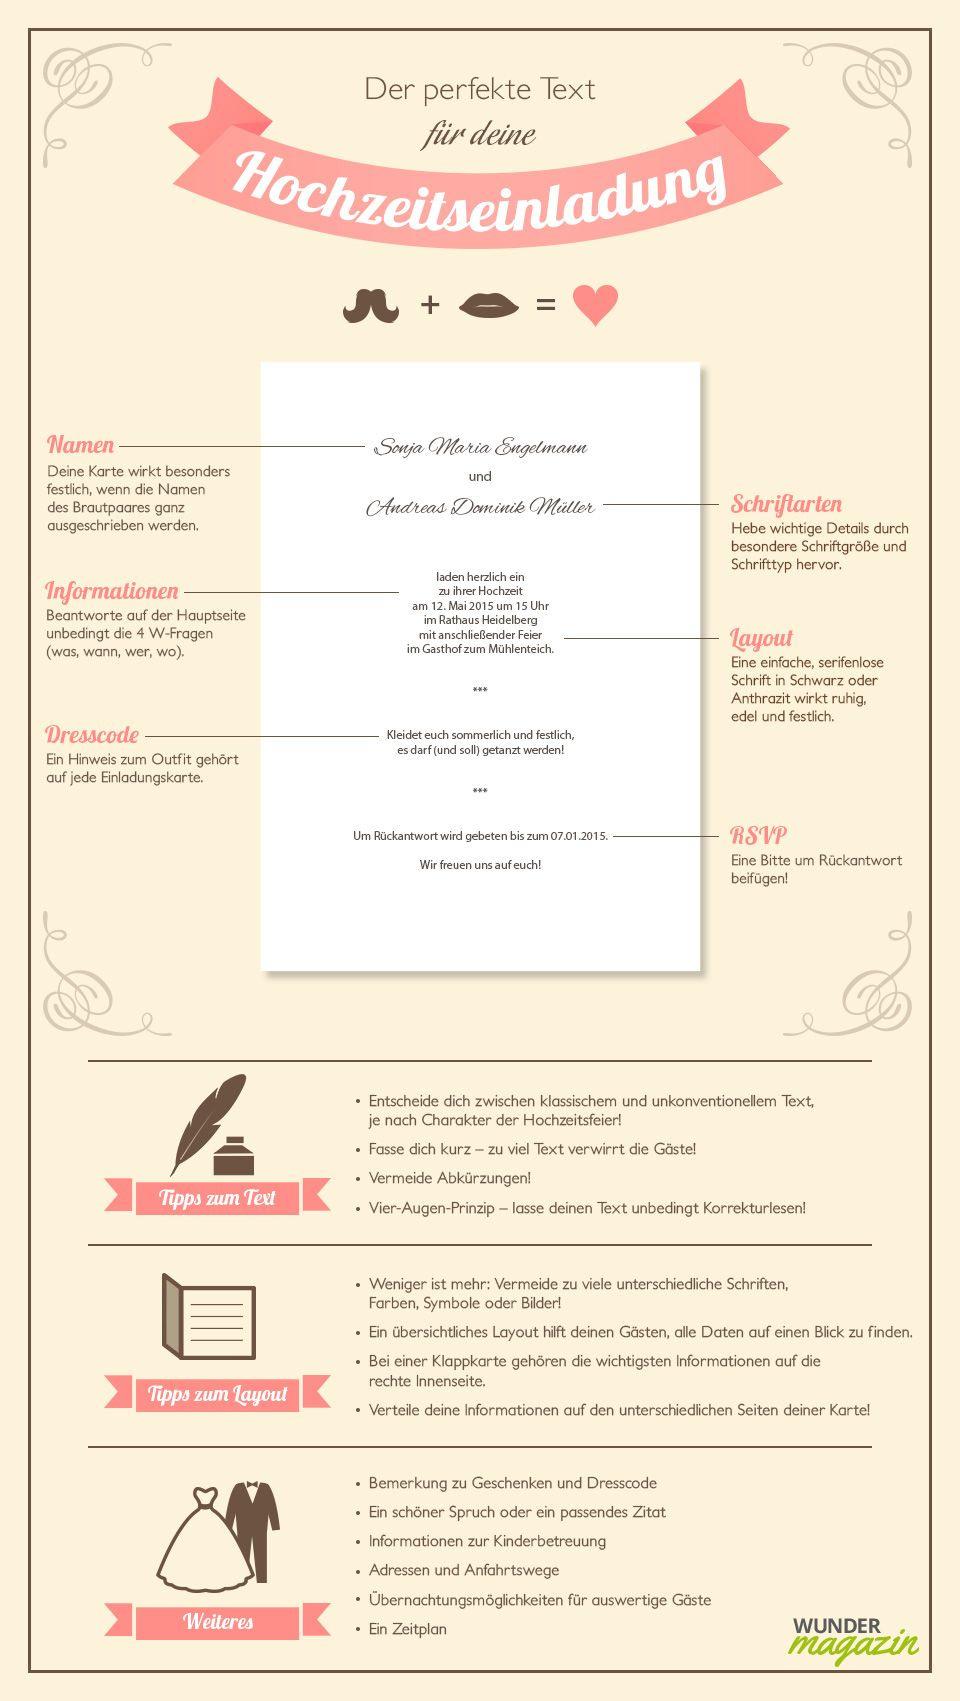 Hochzeitseinladung – Das Muss In Den Text | Text Hochzeit